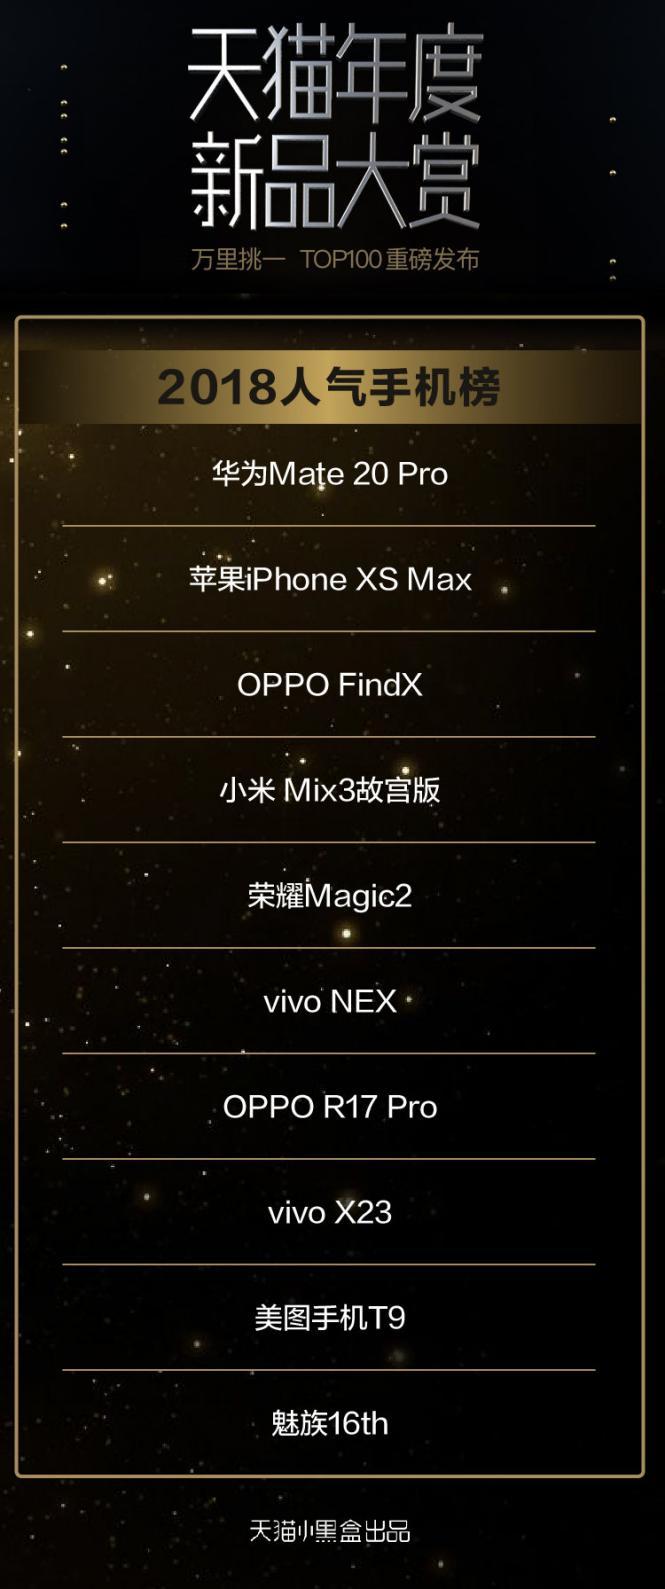 美图T9入围天猫2018年度最佳新品榜单TOP100,国货手机崛起!